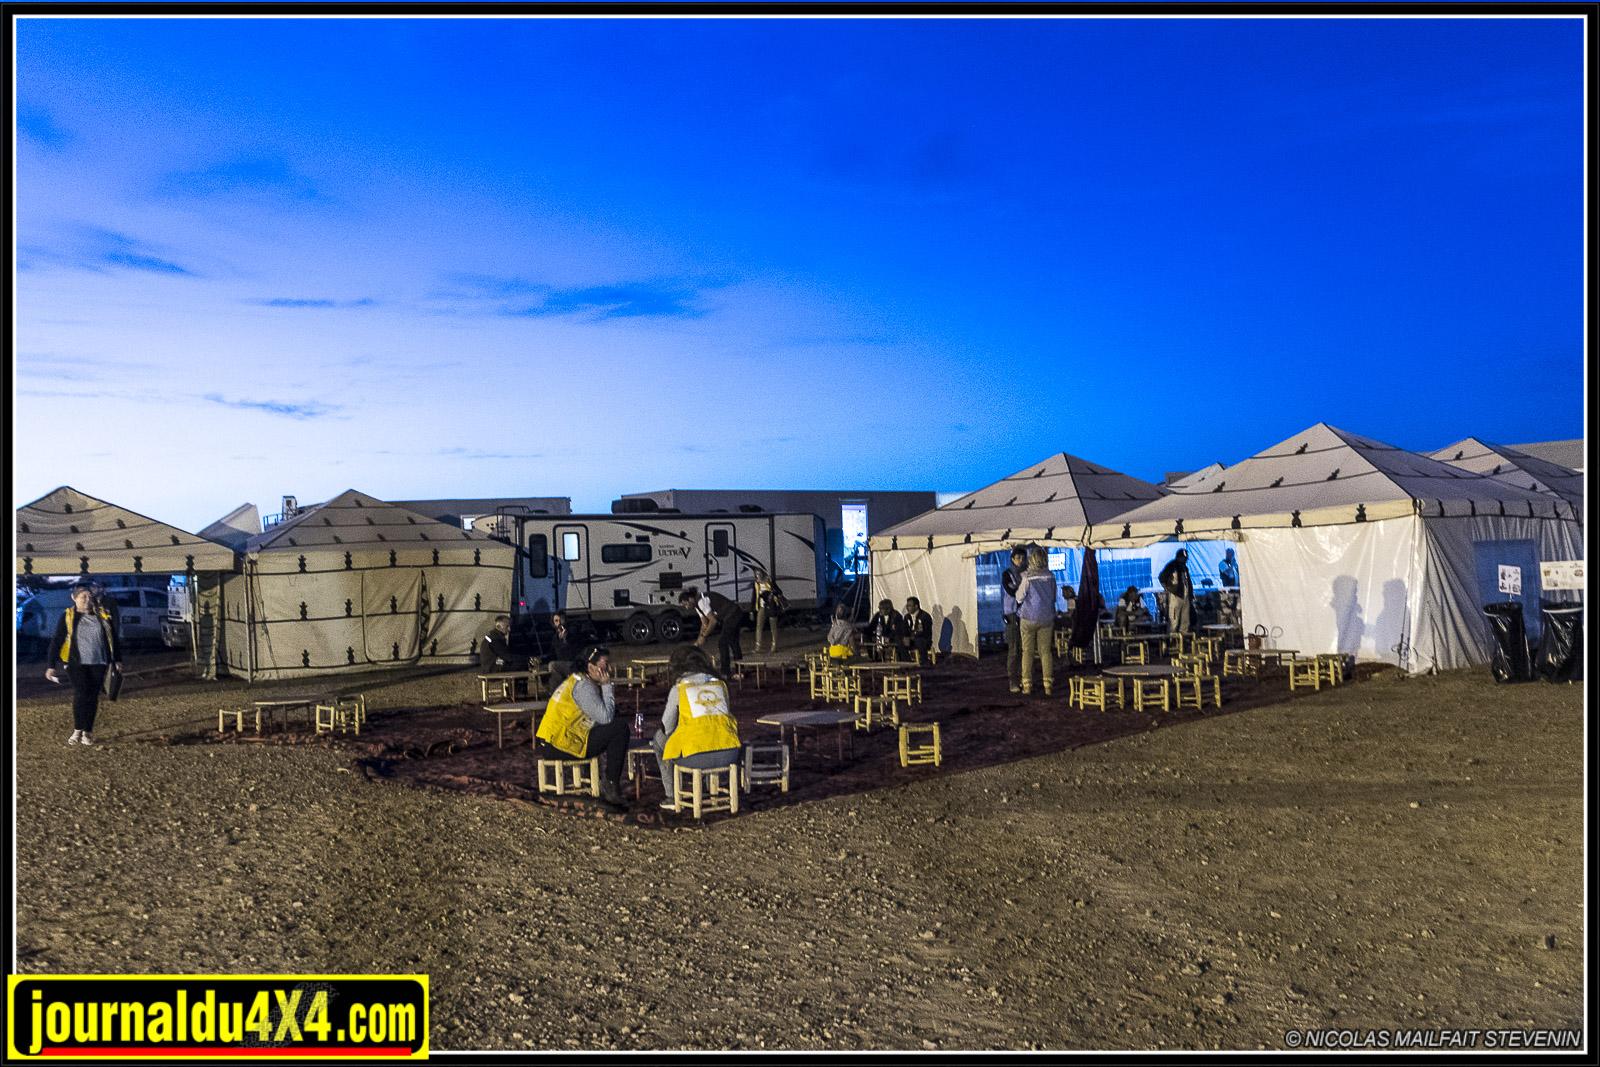 rallye-aicha-gazelles-maroc-2017-6979.jpg